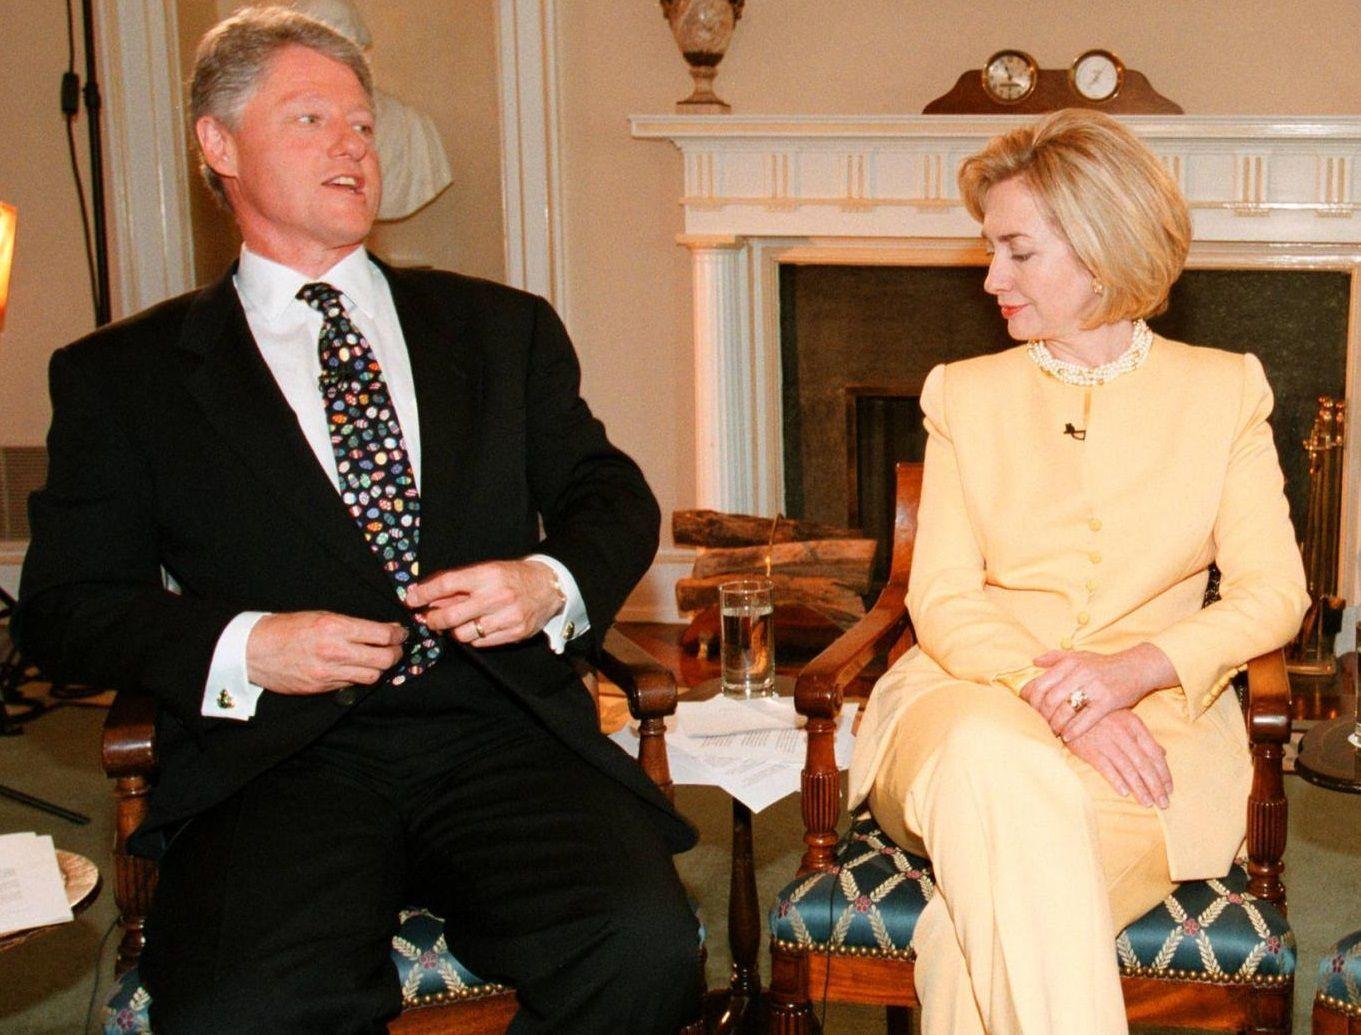 Bill e Hillary Clinton durante il Sexgate